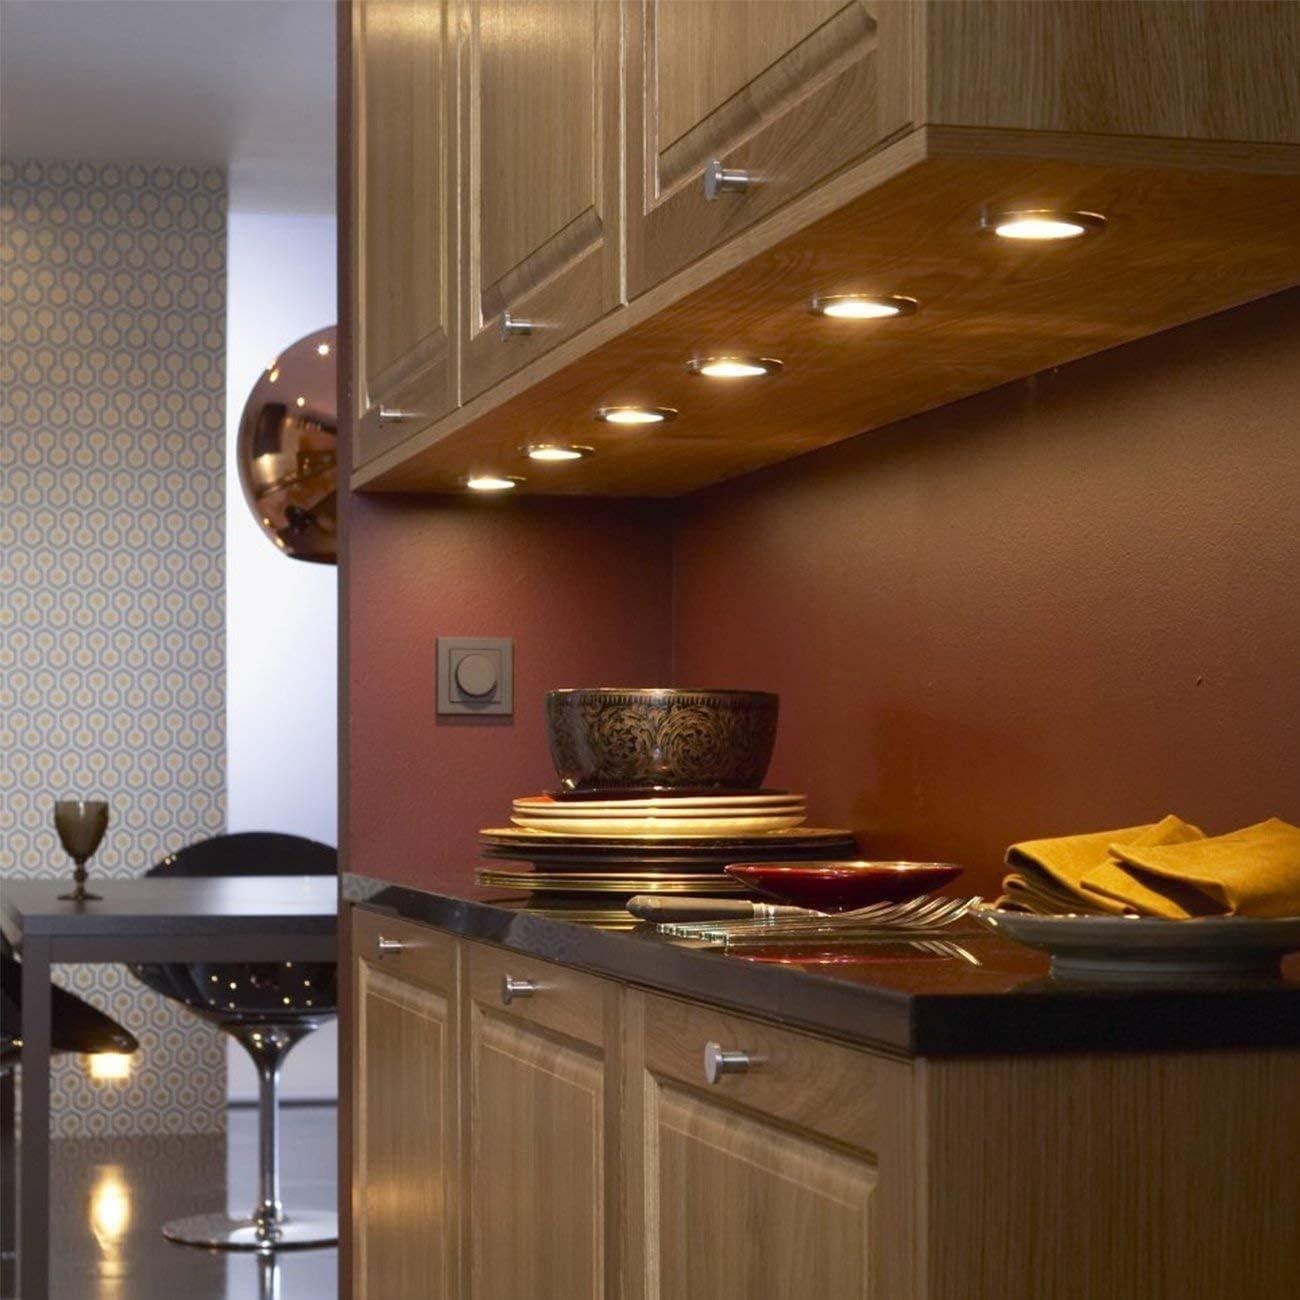 6pcs Bajo Luz de Gabinete Luz Mueble Cocina Techo Spot Luces con Adaptador de divisor para muebles DC 12V RV LED Luces de Armario Empotrable Campista ...